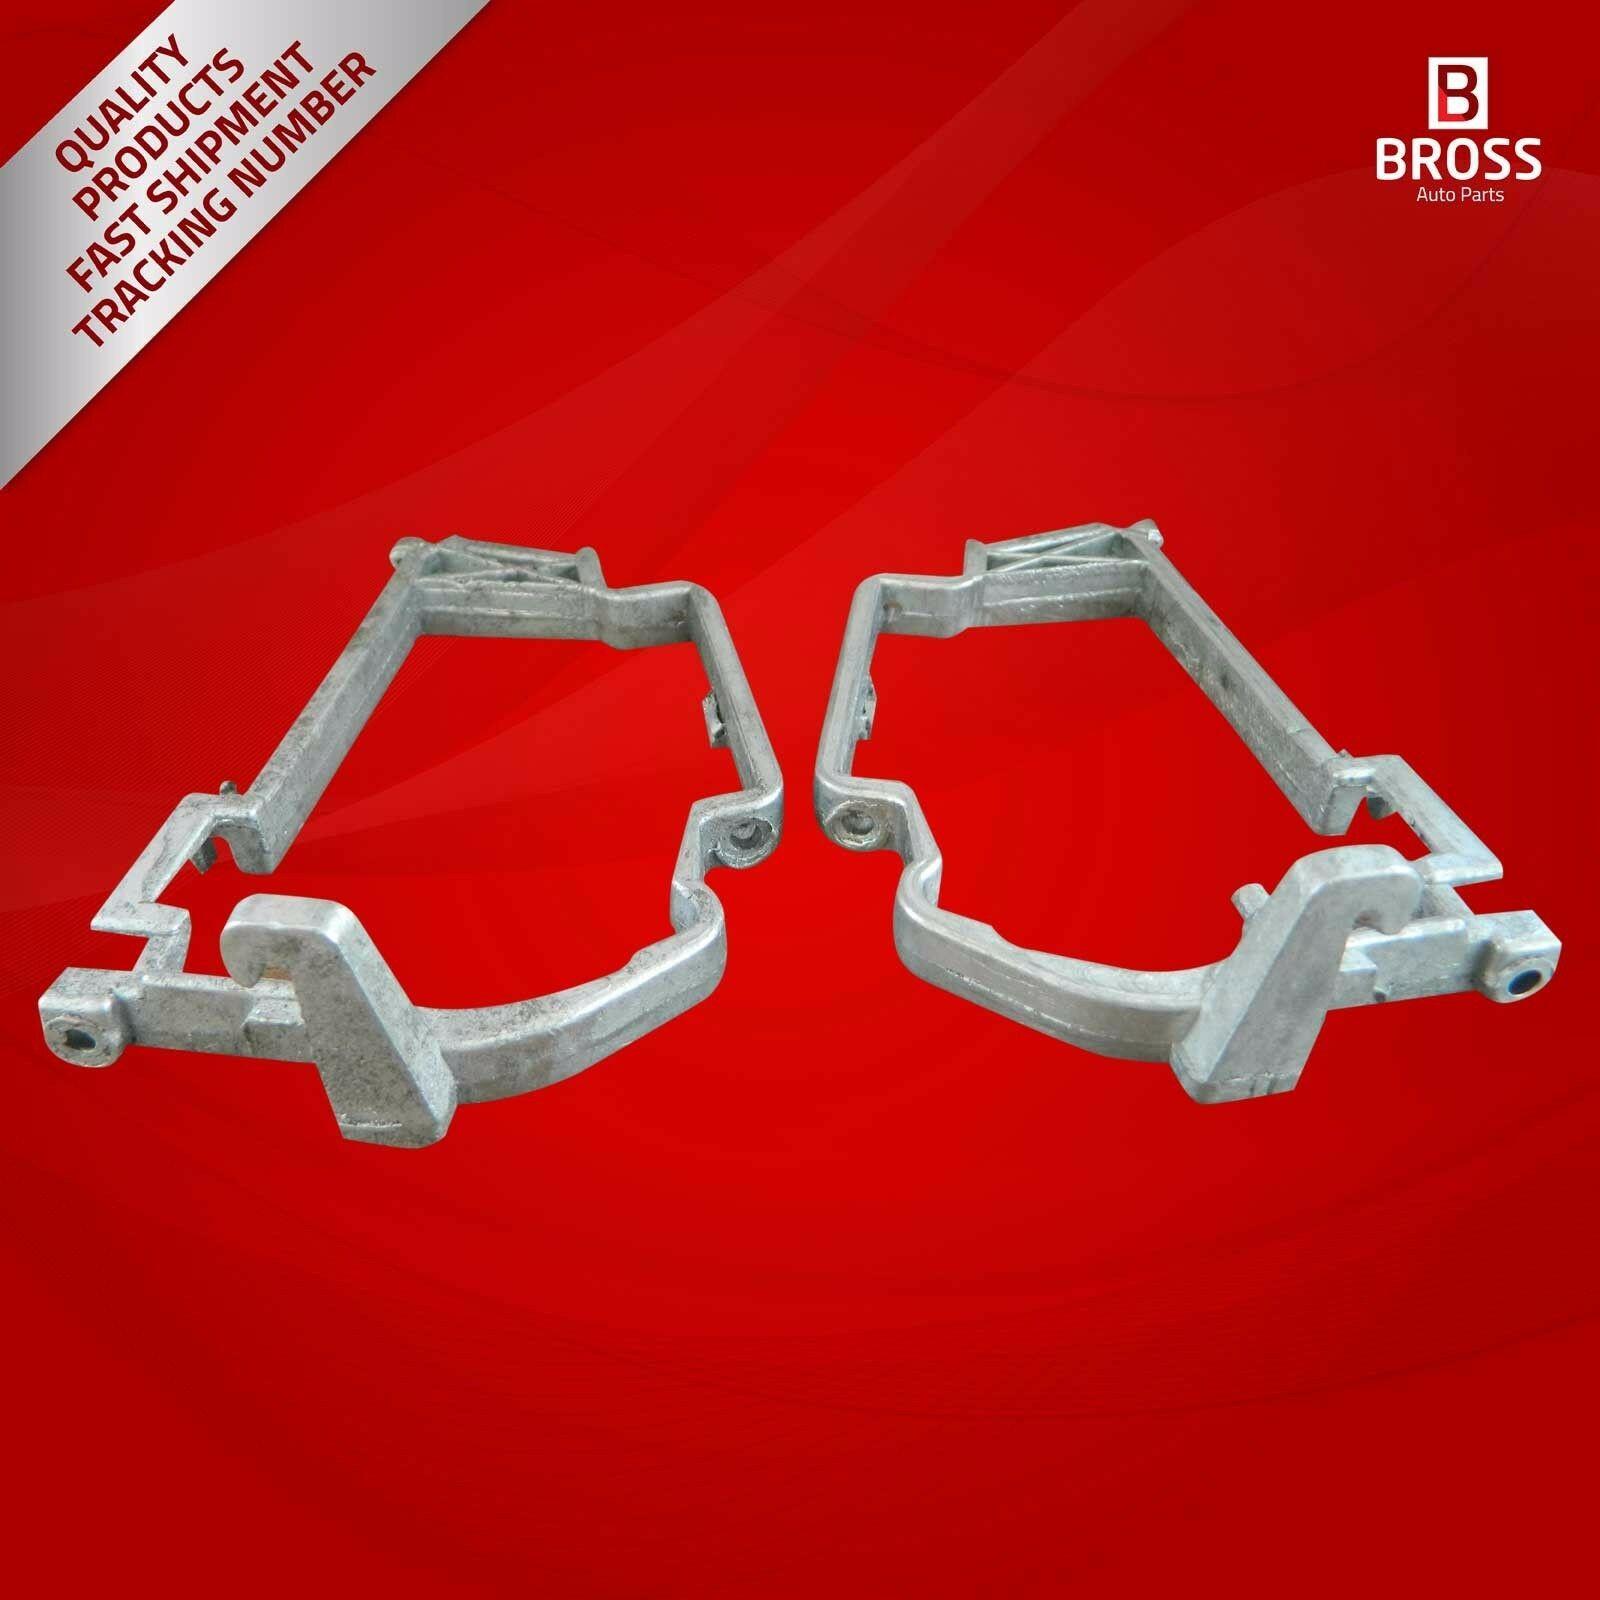 Bross BDP502 Seite Spiegel Glas Reparatur Kit für E-Klasse W210 Links und Rechts